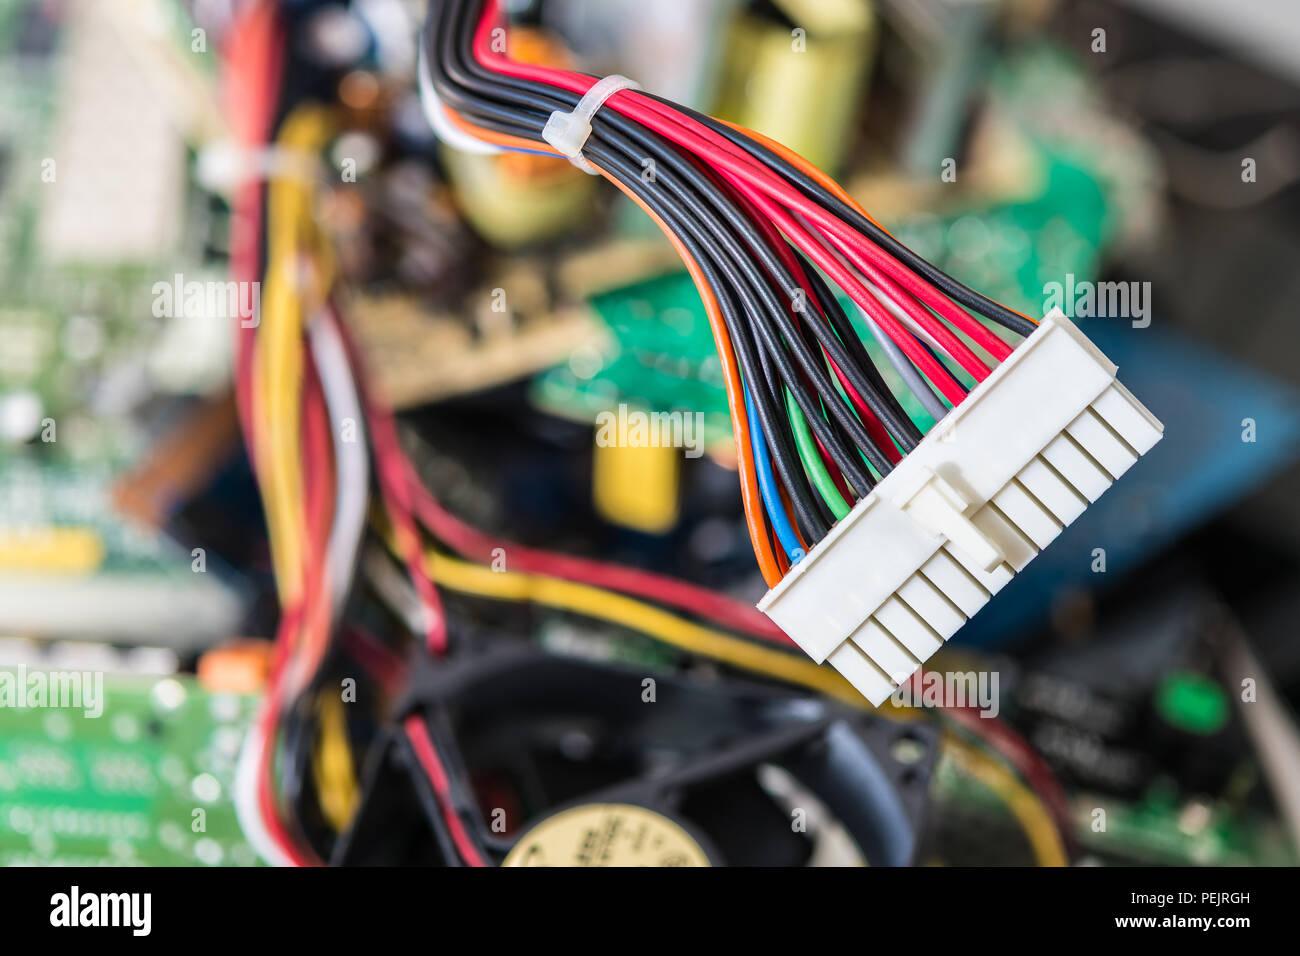 Conector con cables de alimentación de la placa base del equipo. Borroso fondo colorido de los componentes de la PC. La industria de la electrónica, la clasificación y la eliminación de desechos electrónicos. Foto de stock